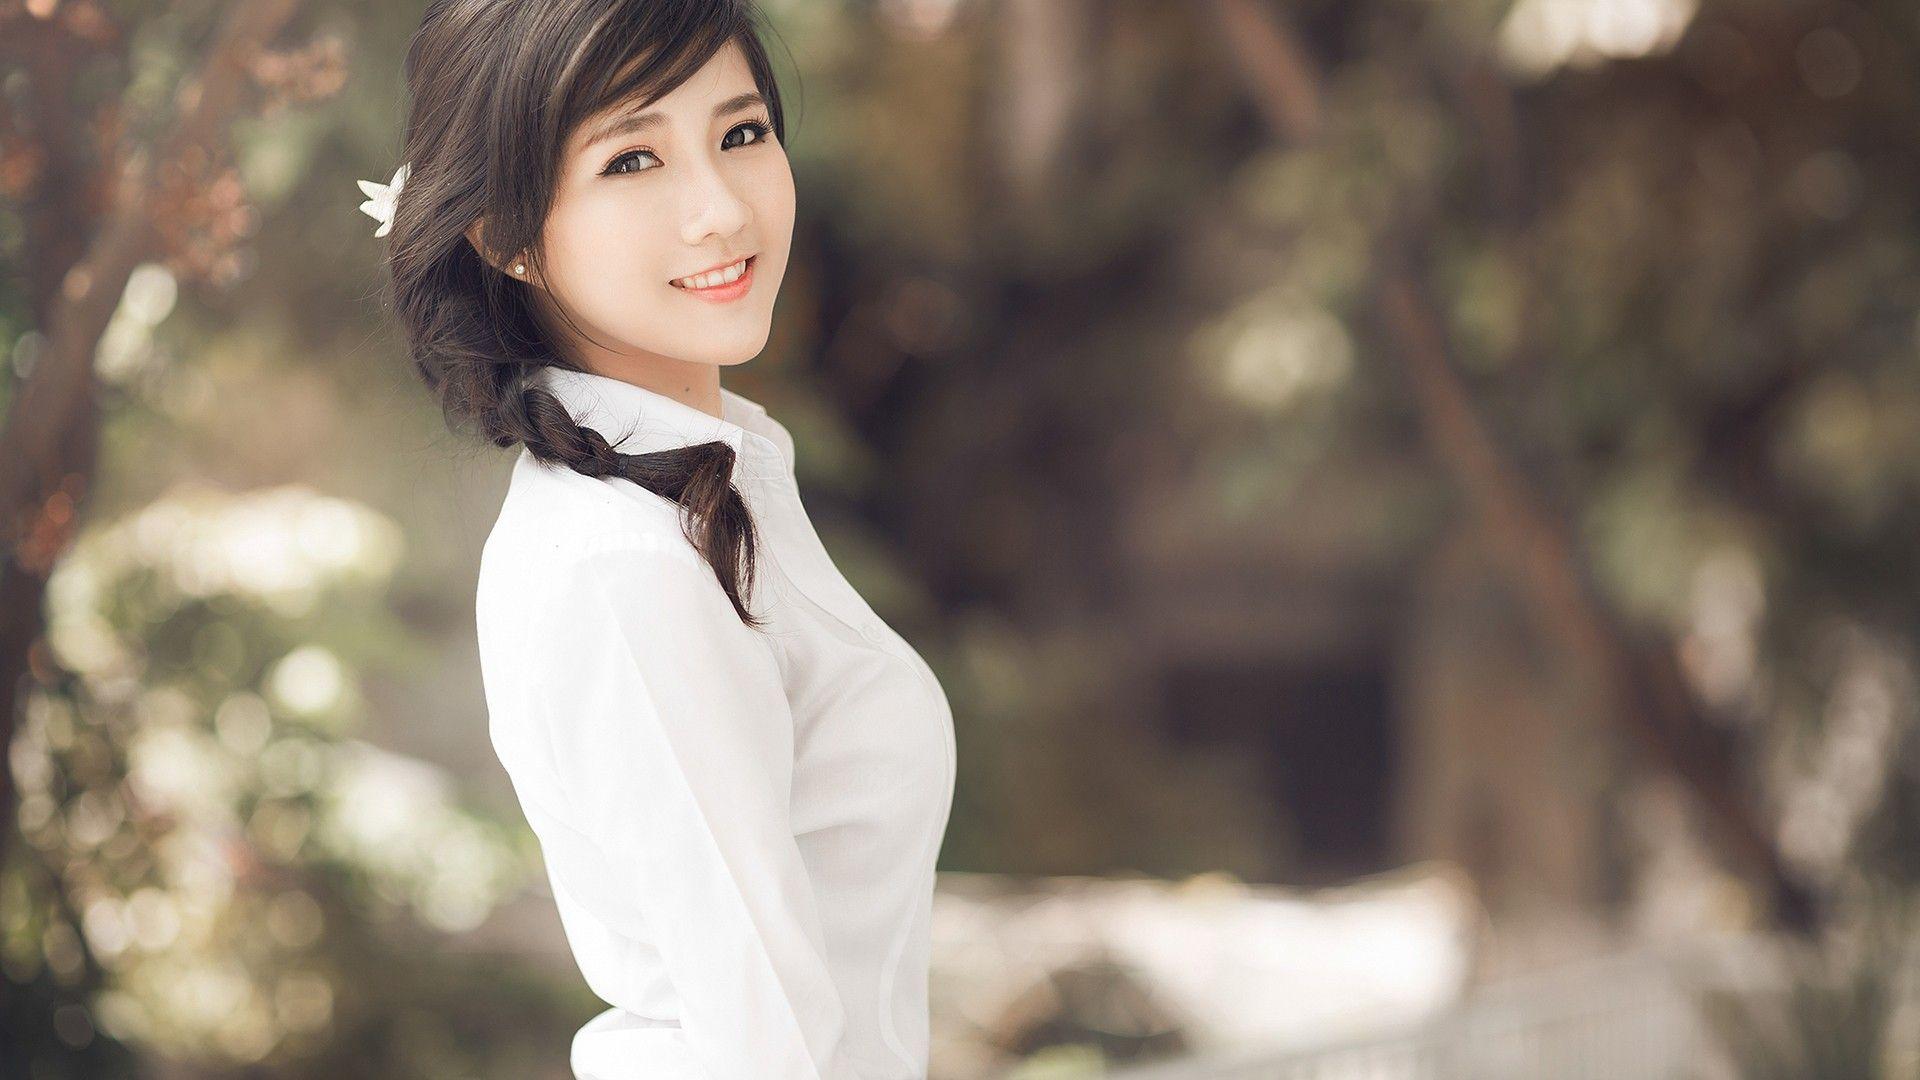 Girl wallpaper asian cute Best 38+